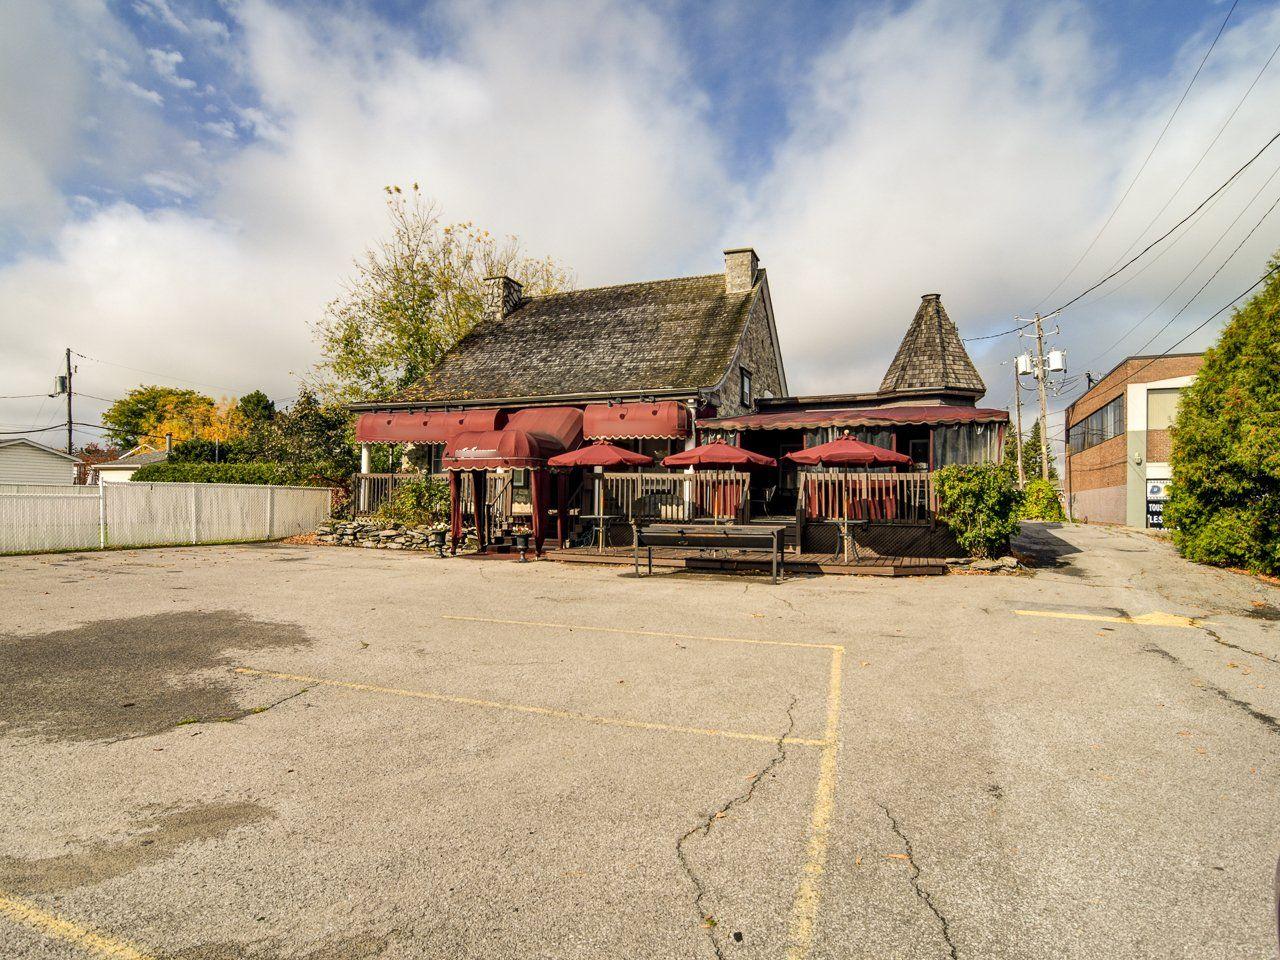 Vente Joli restaurant dans bâtisse historique bien entretenue en plein centre de Repentigny